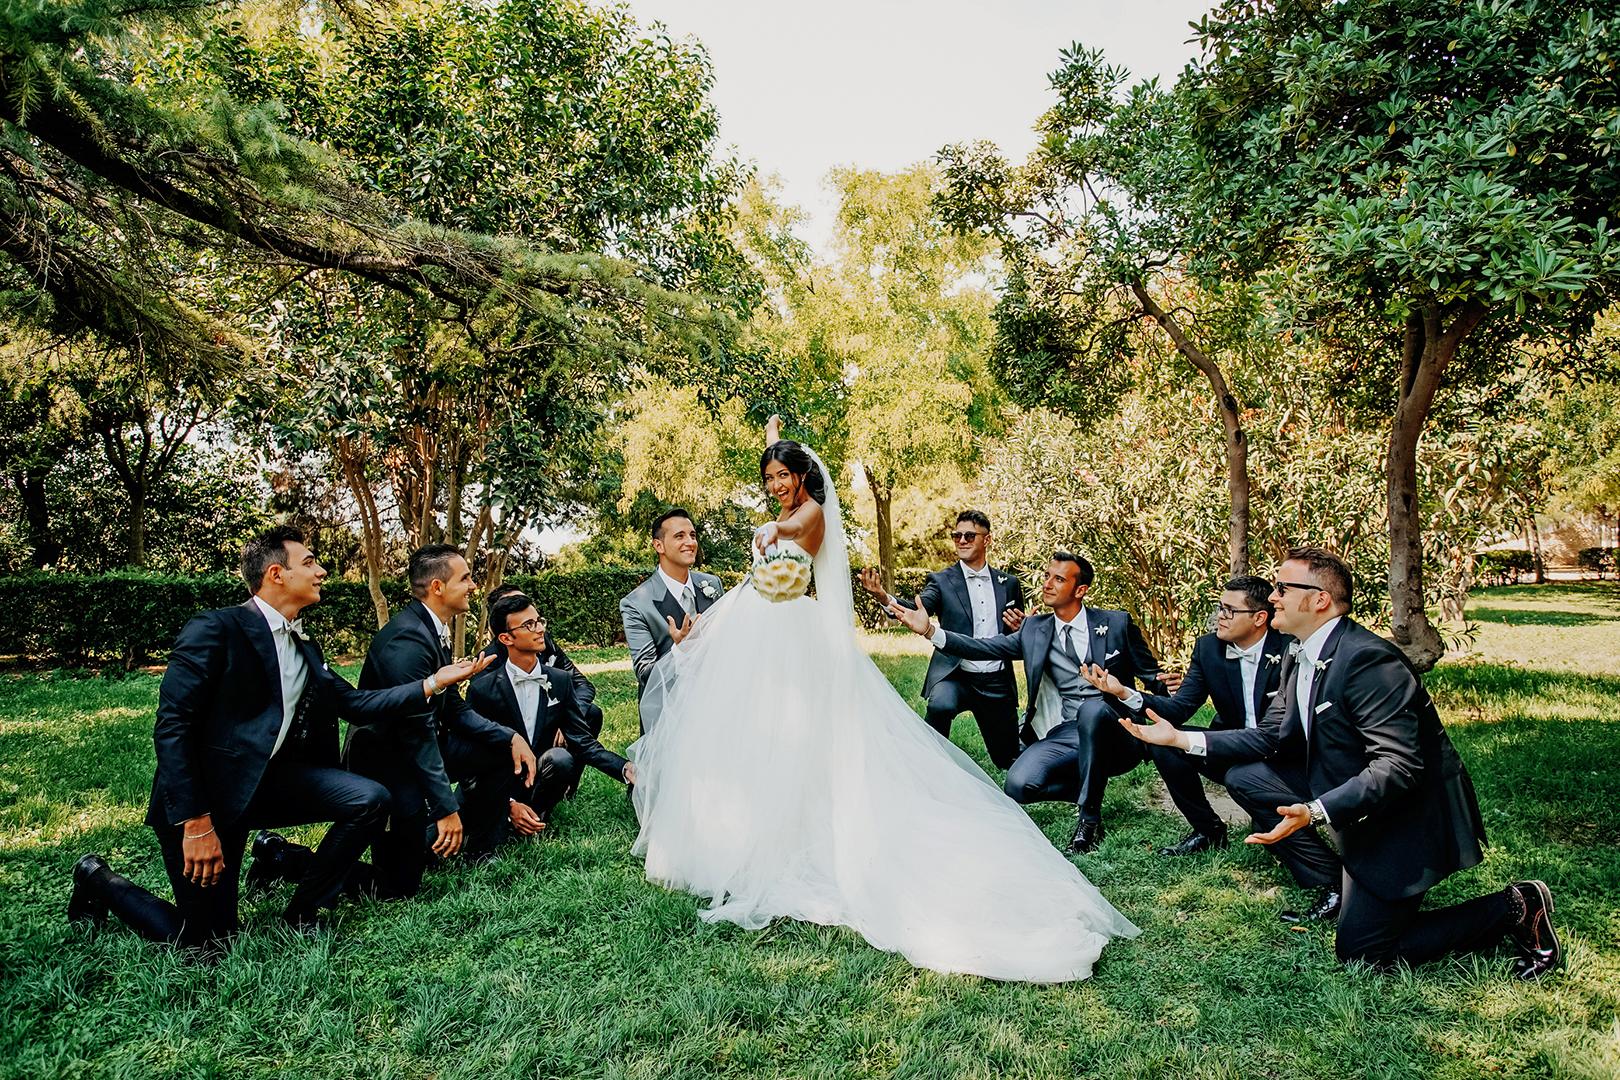 38 gianni-lepore-fotografo-lucera-wedding-sposi-bride-groom-famiglia-ritratto-damigelle-villa